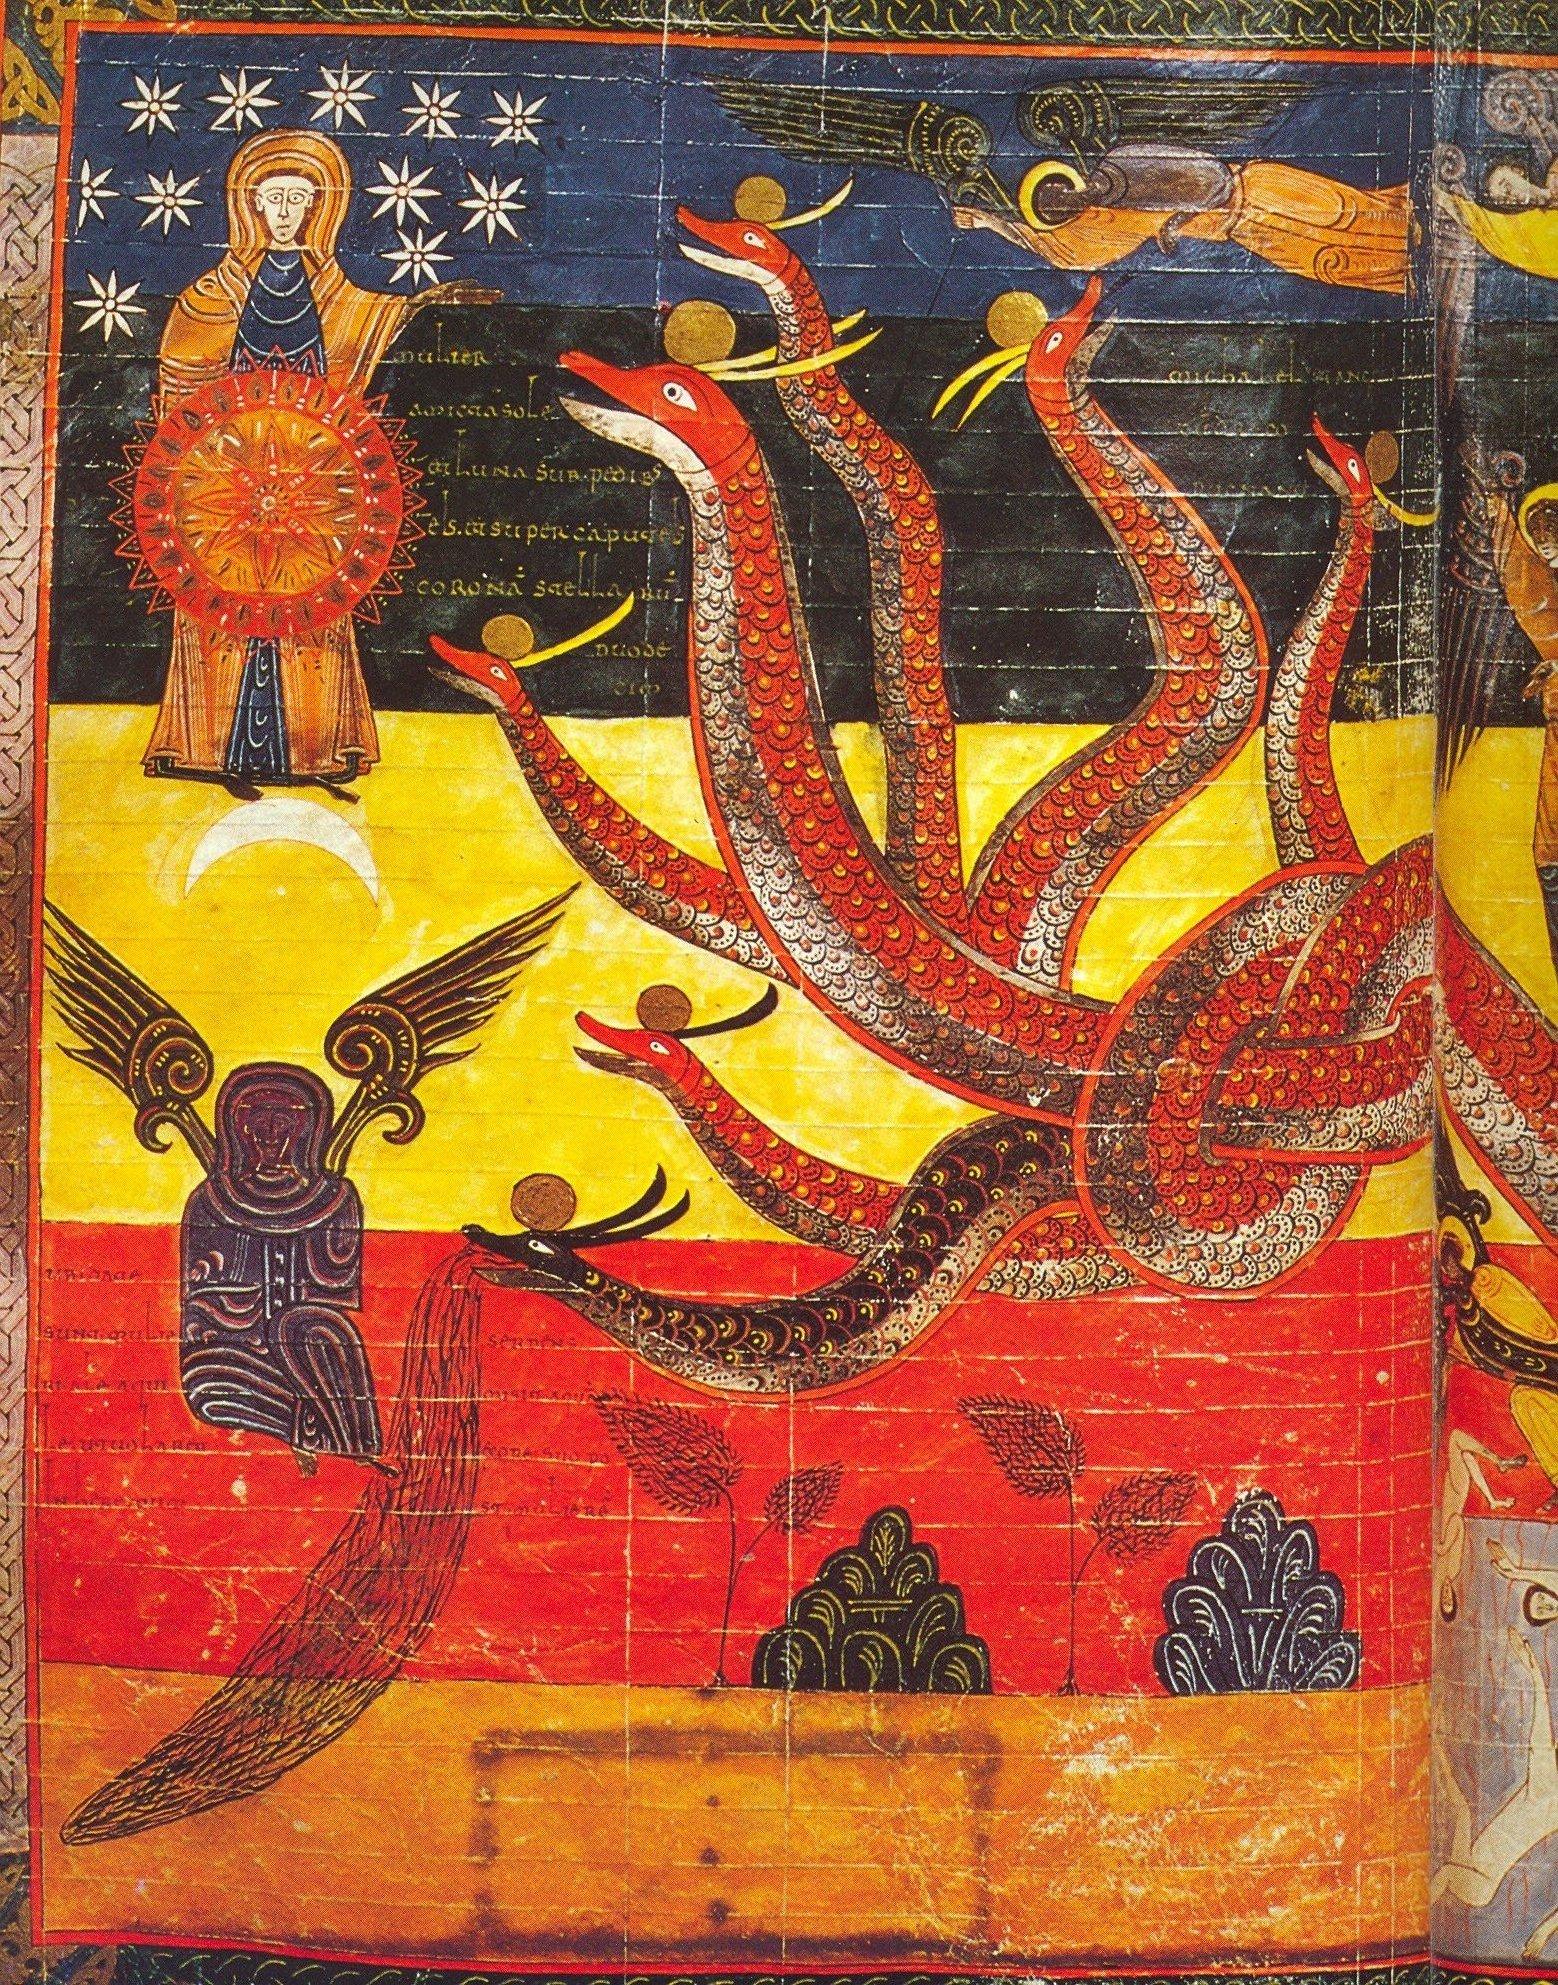 ... las siete cabezas y los diez cuernos de la UE ... Apocalipsis-arte-mariano-B-Facundus